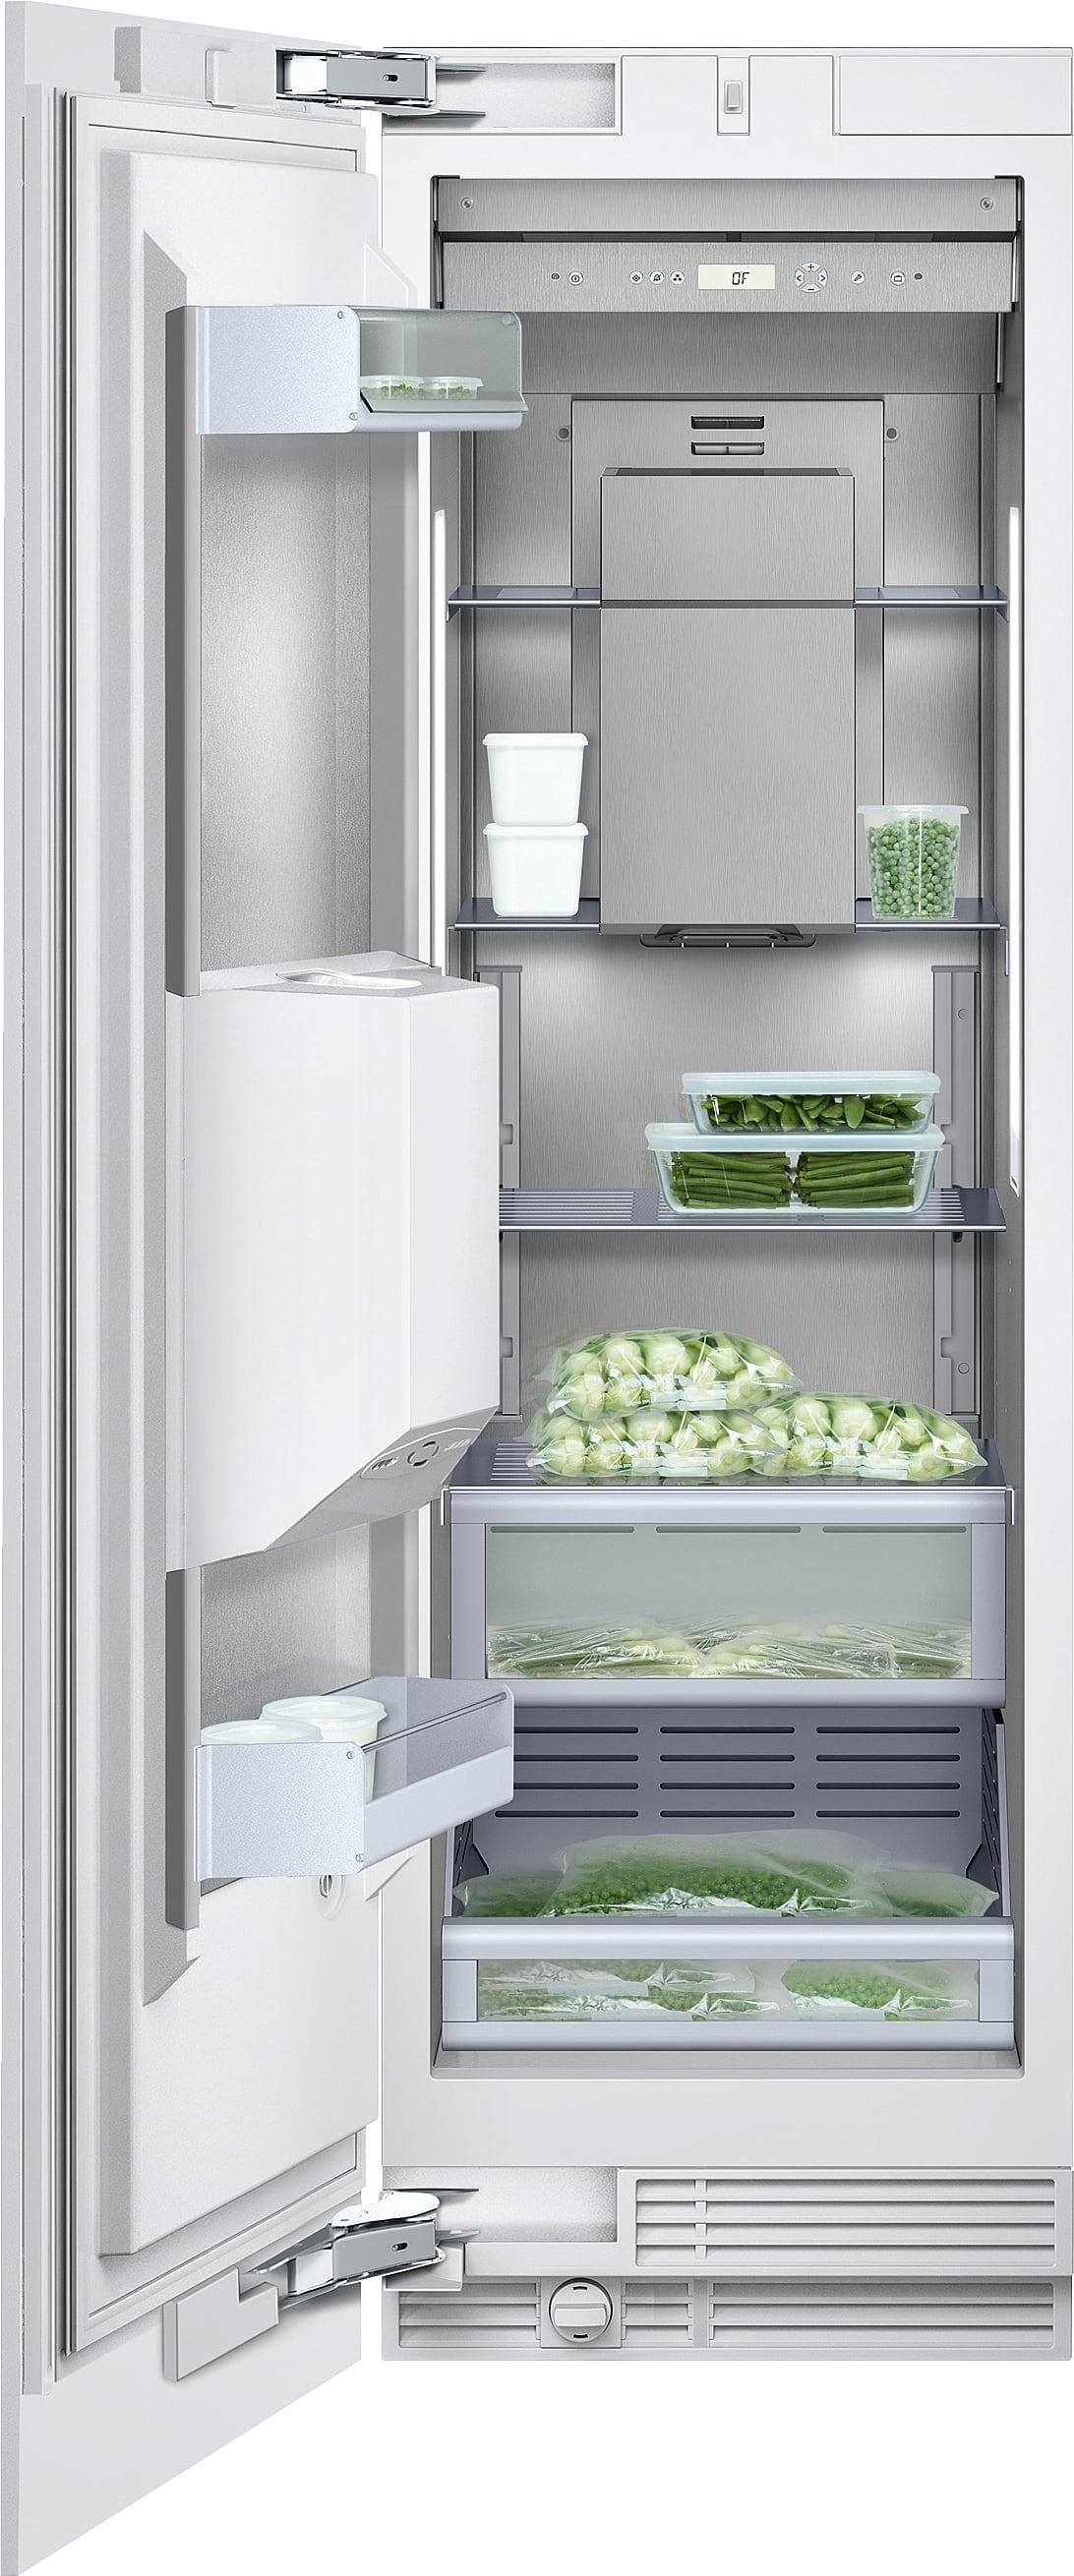 Gaggenau Rc462701 24 Inch Built In Refrigerator Column